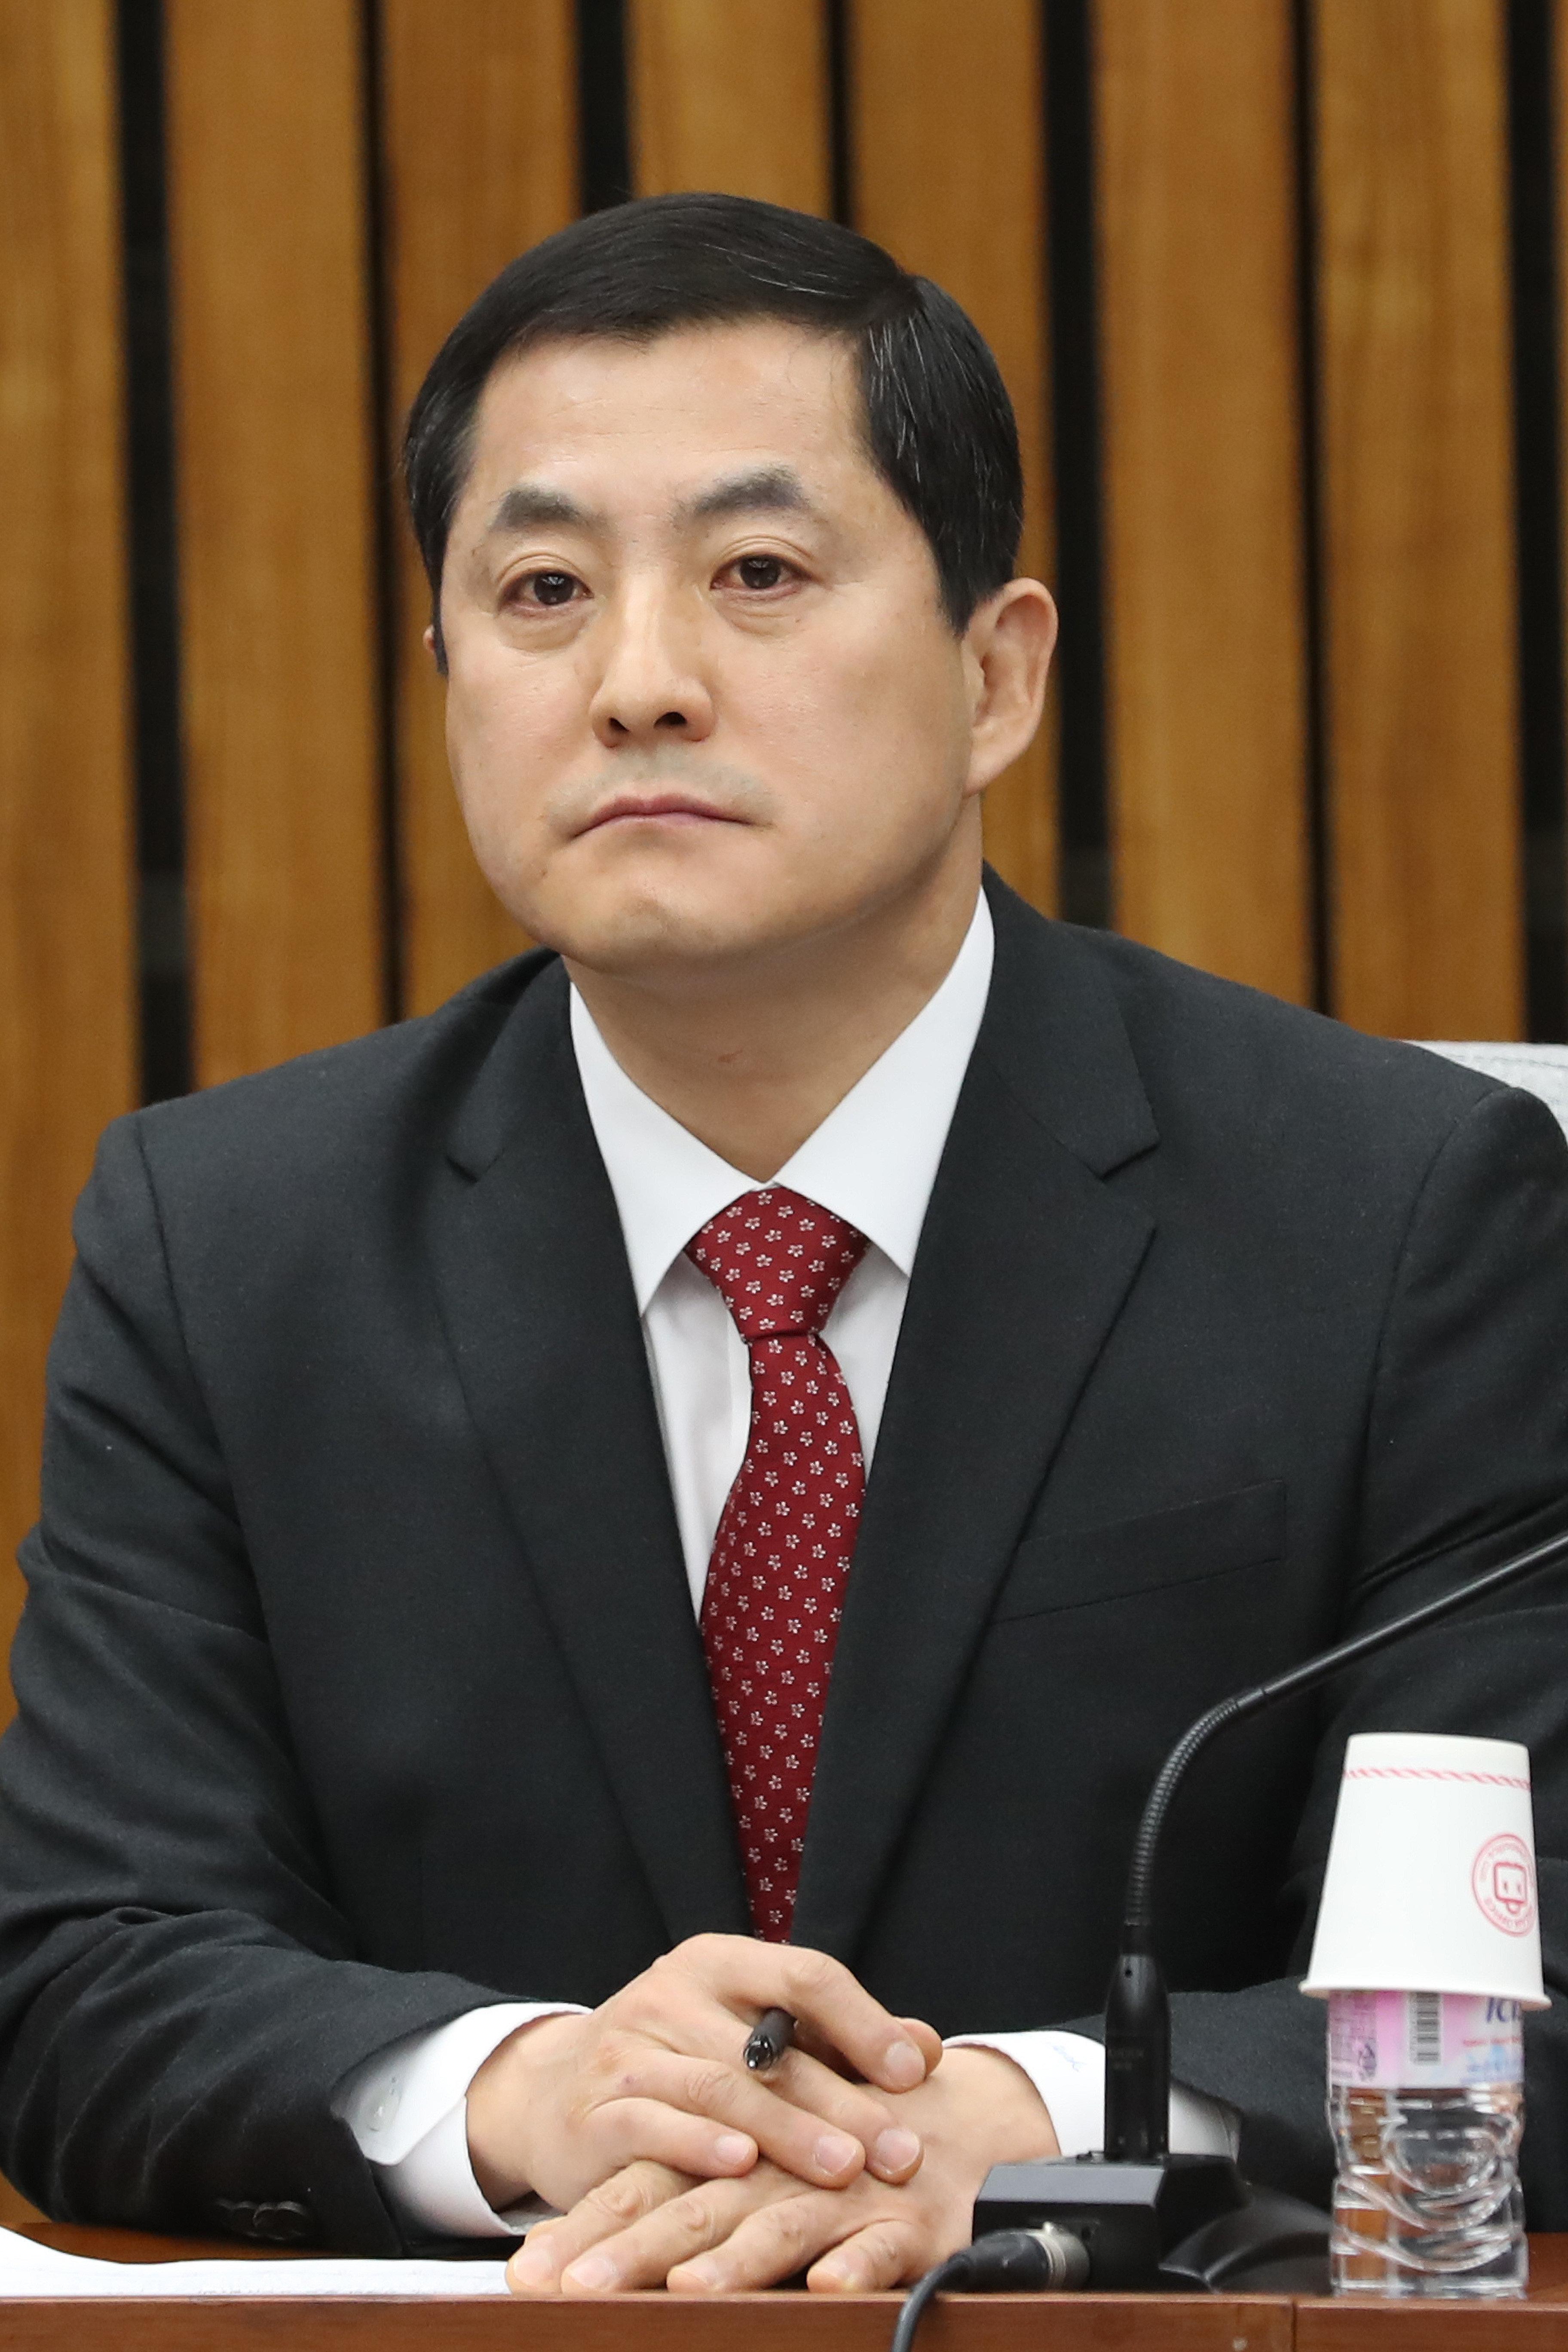 [전문]'신재민법' 발의한 박대출 의원이 4년전 발표한